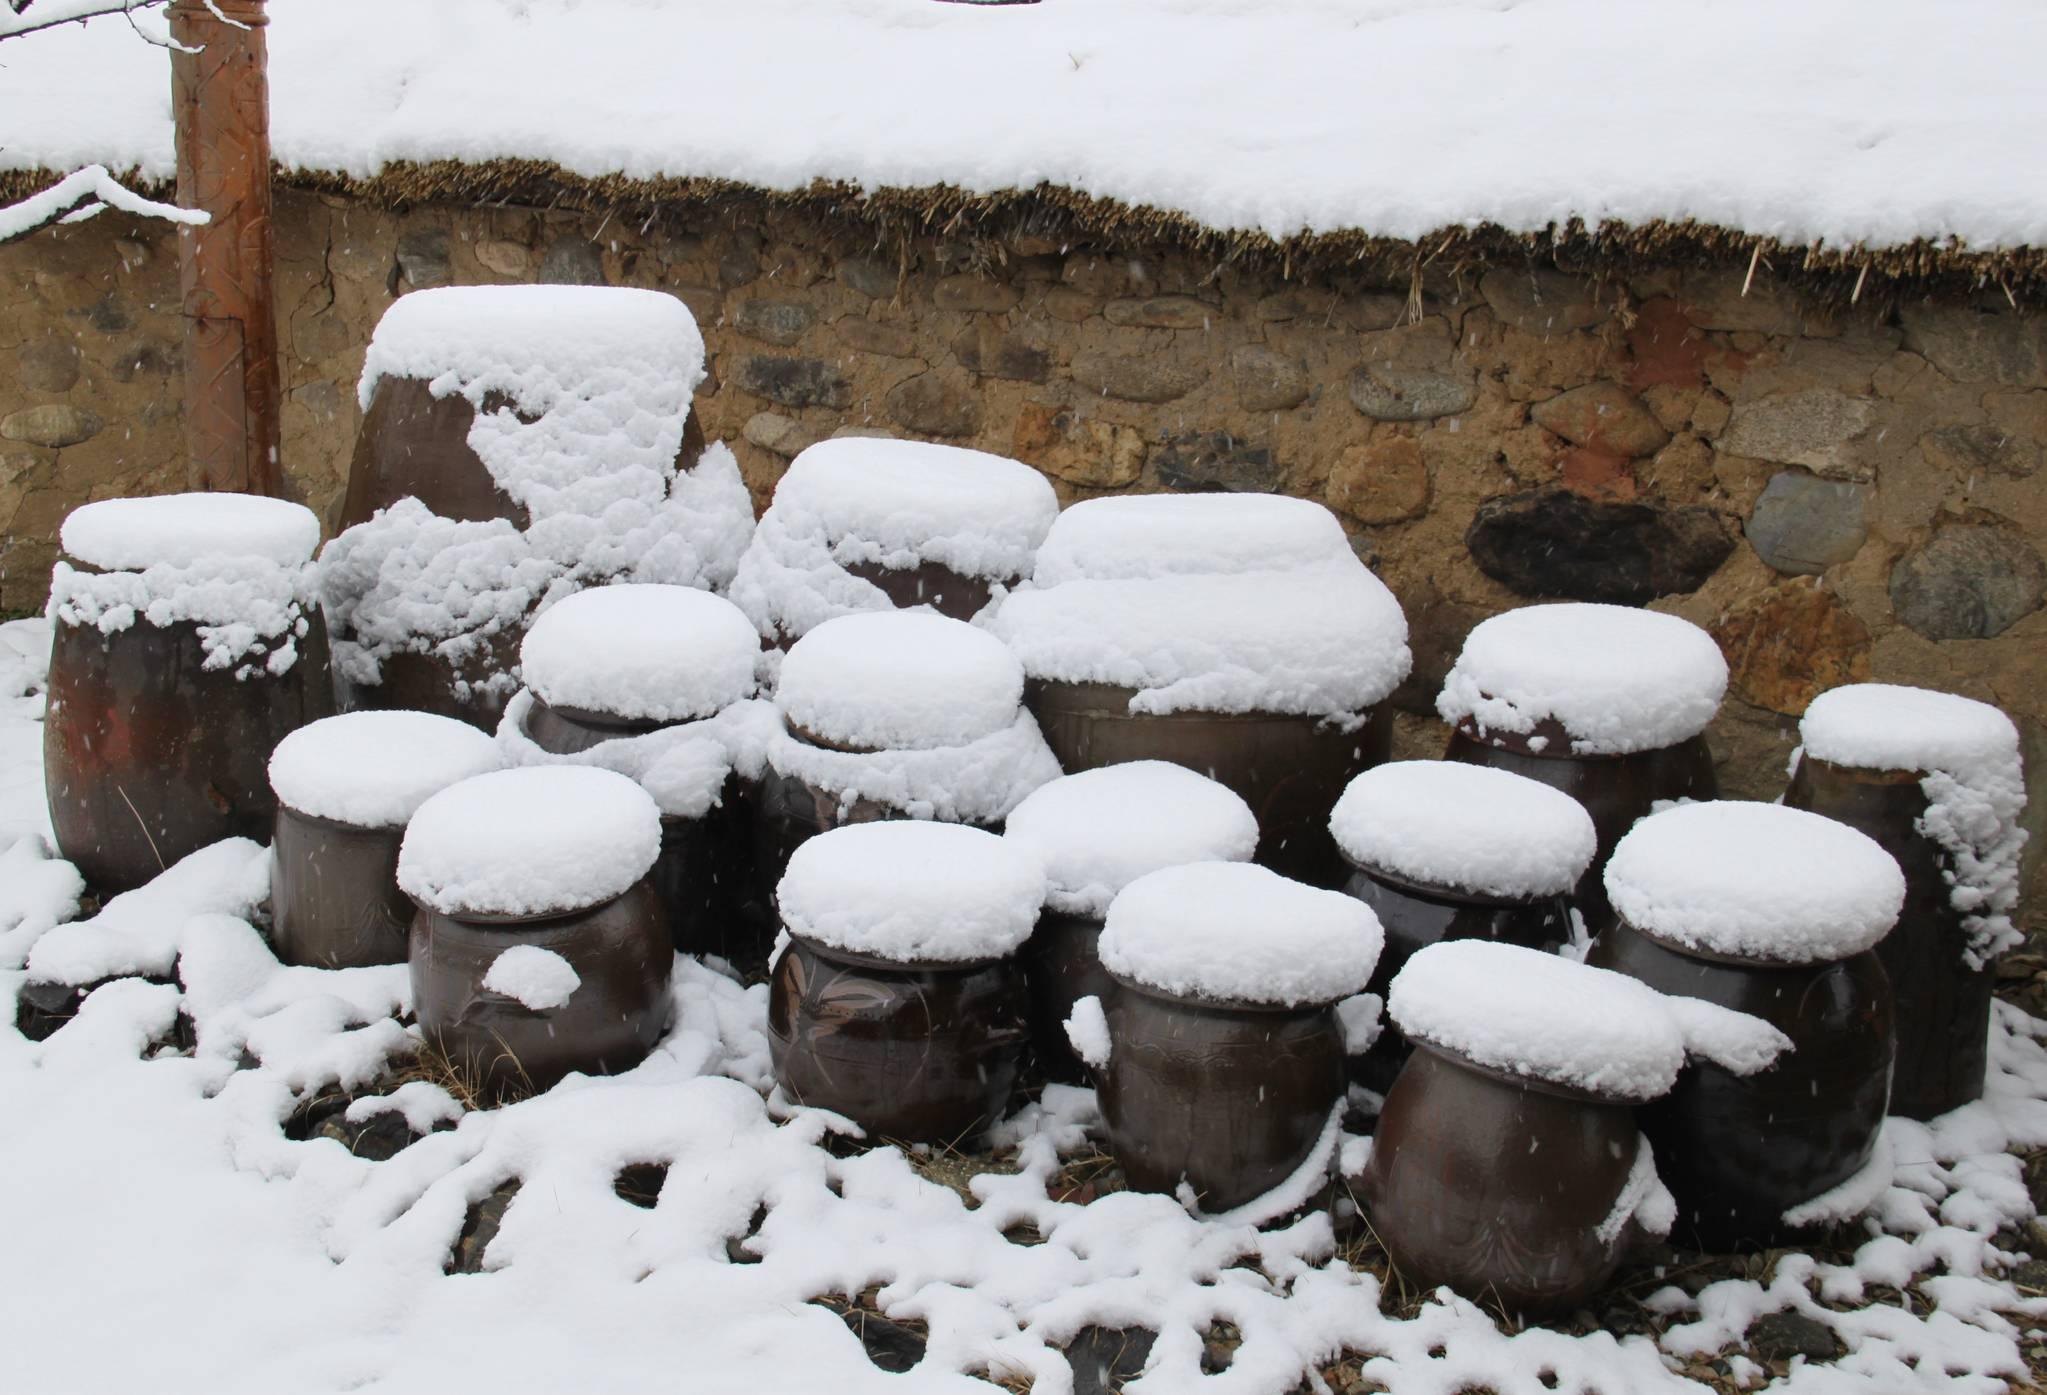 충북 옥천읍 교동리의 한 장독대에 흰 눈이 수북이 쌓여 있다. [연합뉴스]